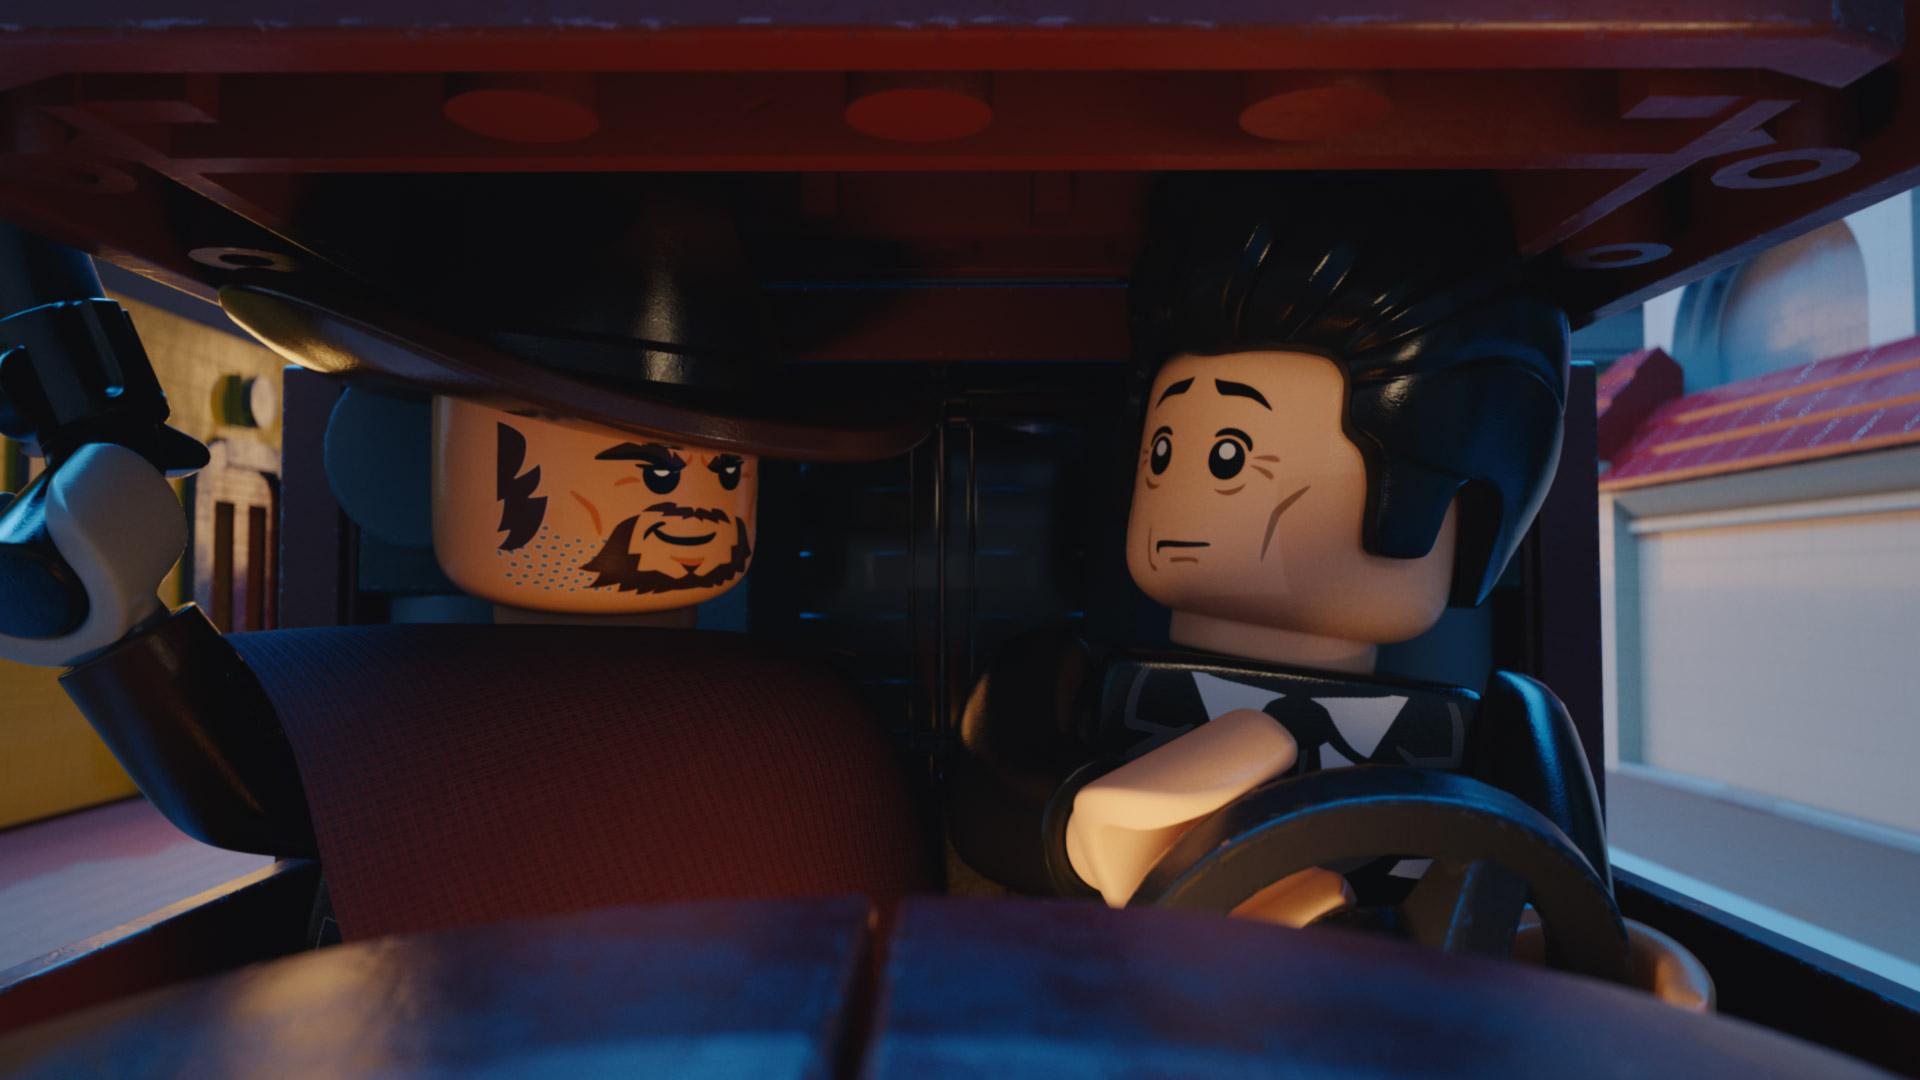 LEGO_OW_94923